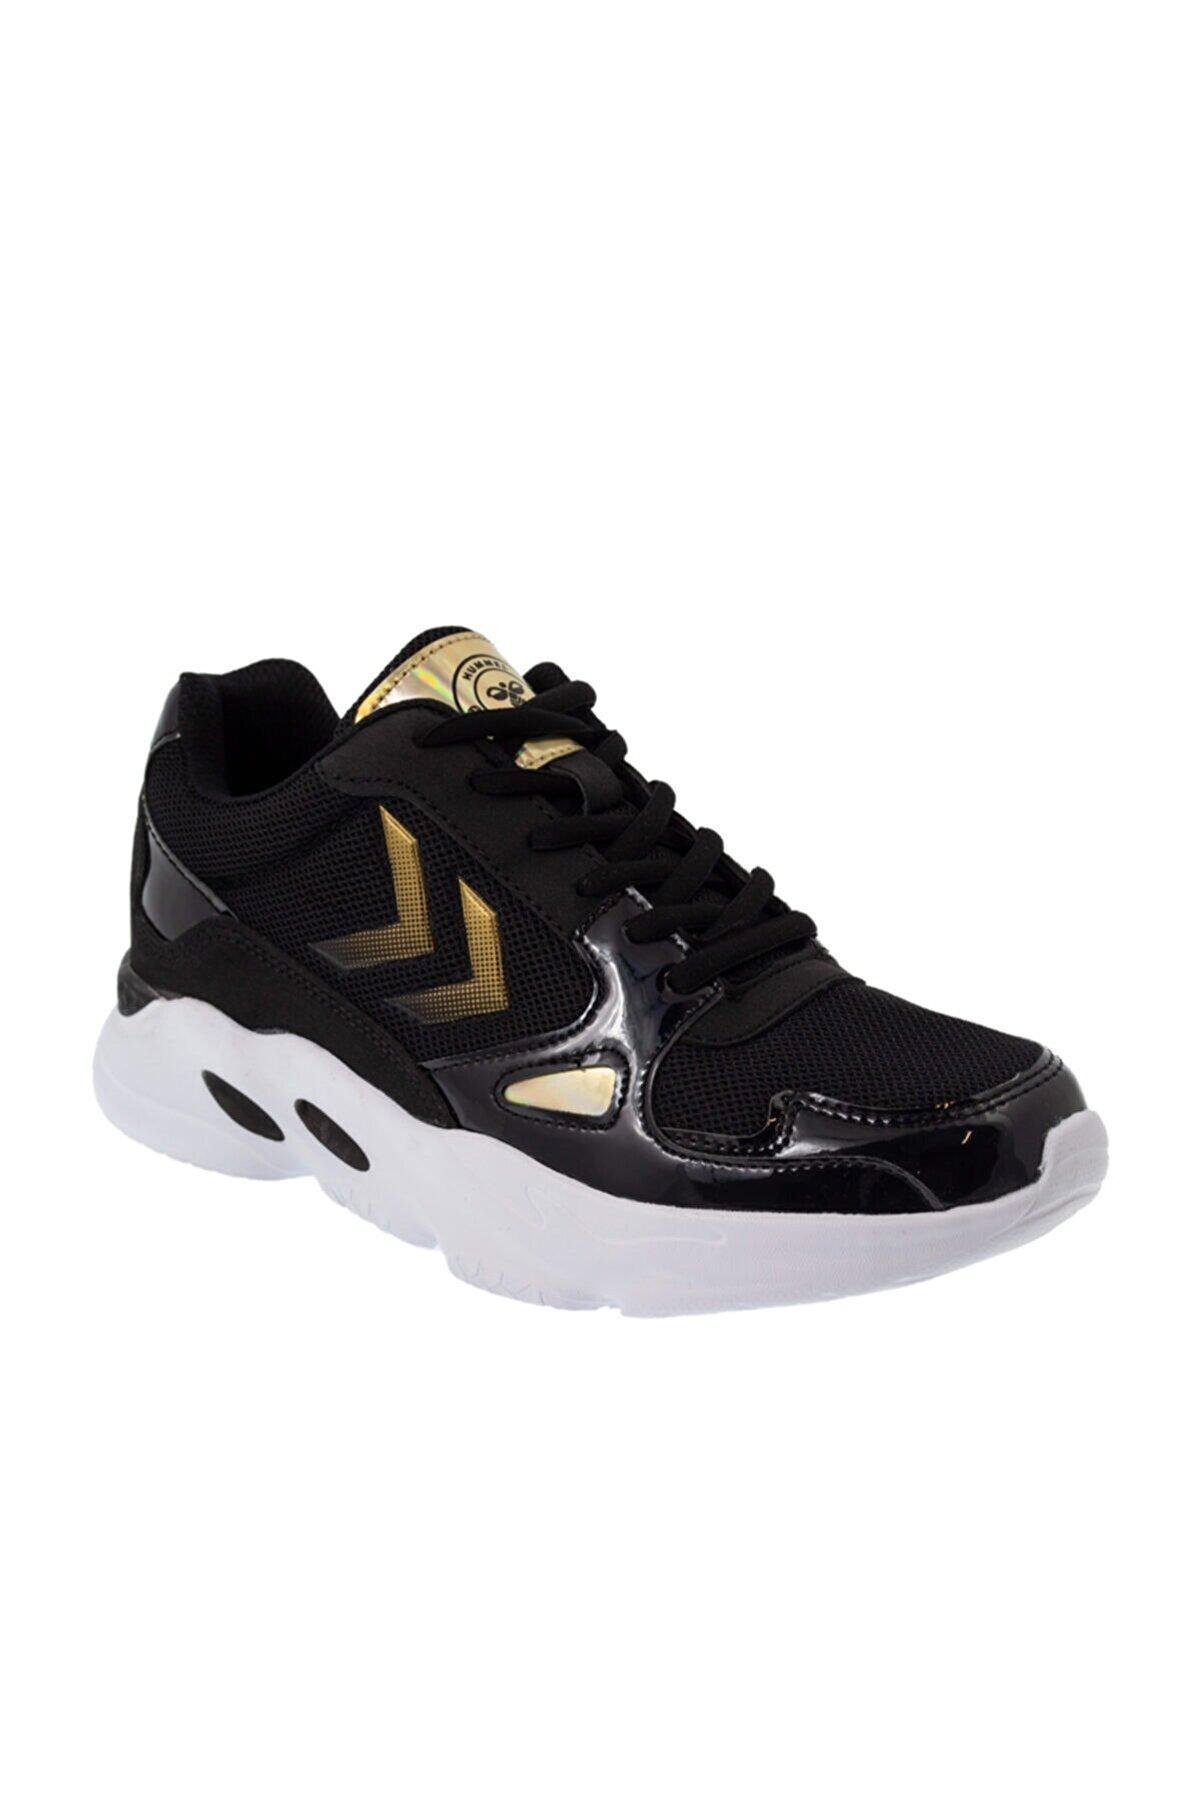 HUMMEL York Glam Kadın Siyah Spor Ayakkabı (207908-2001)